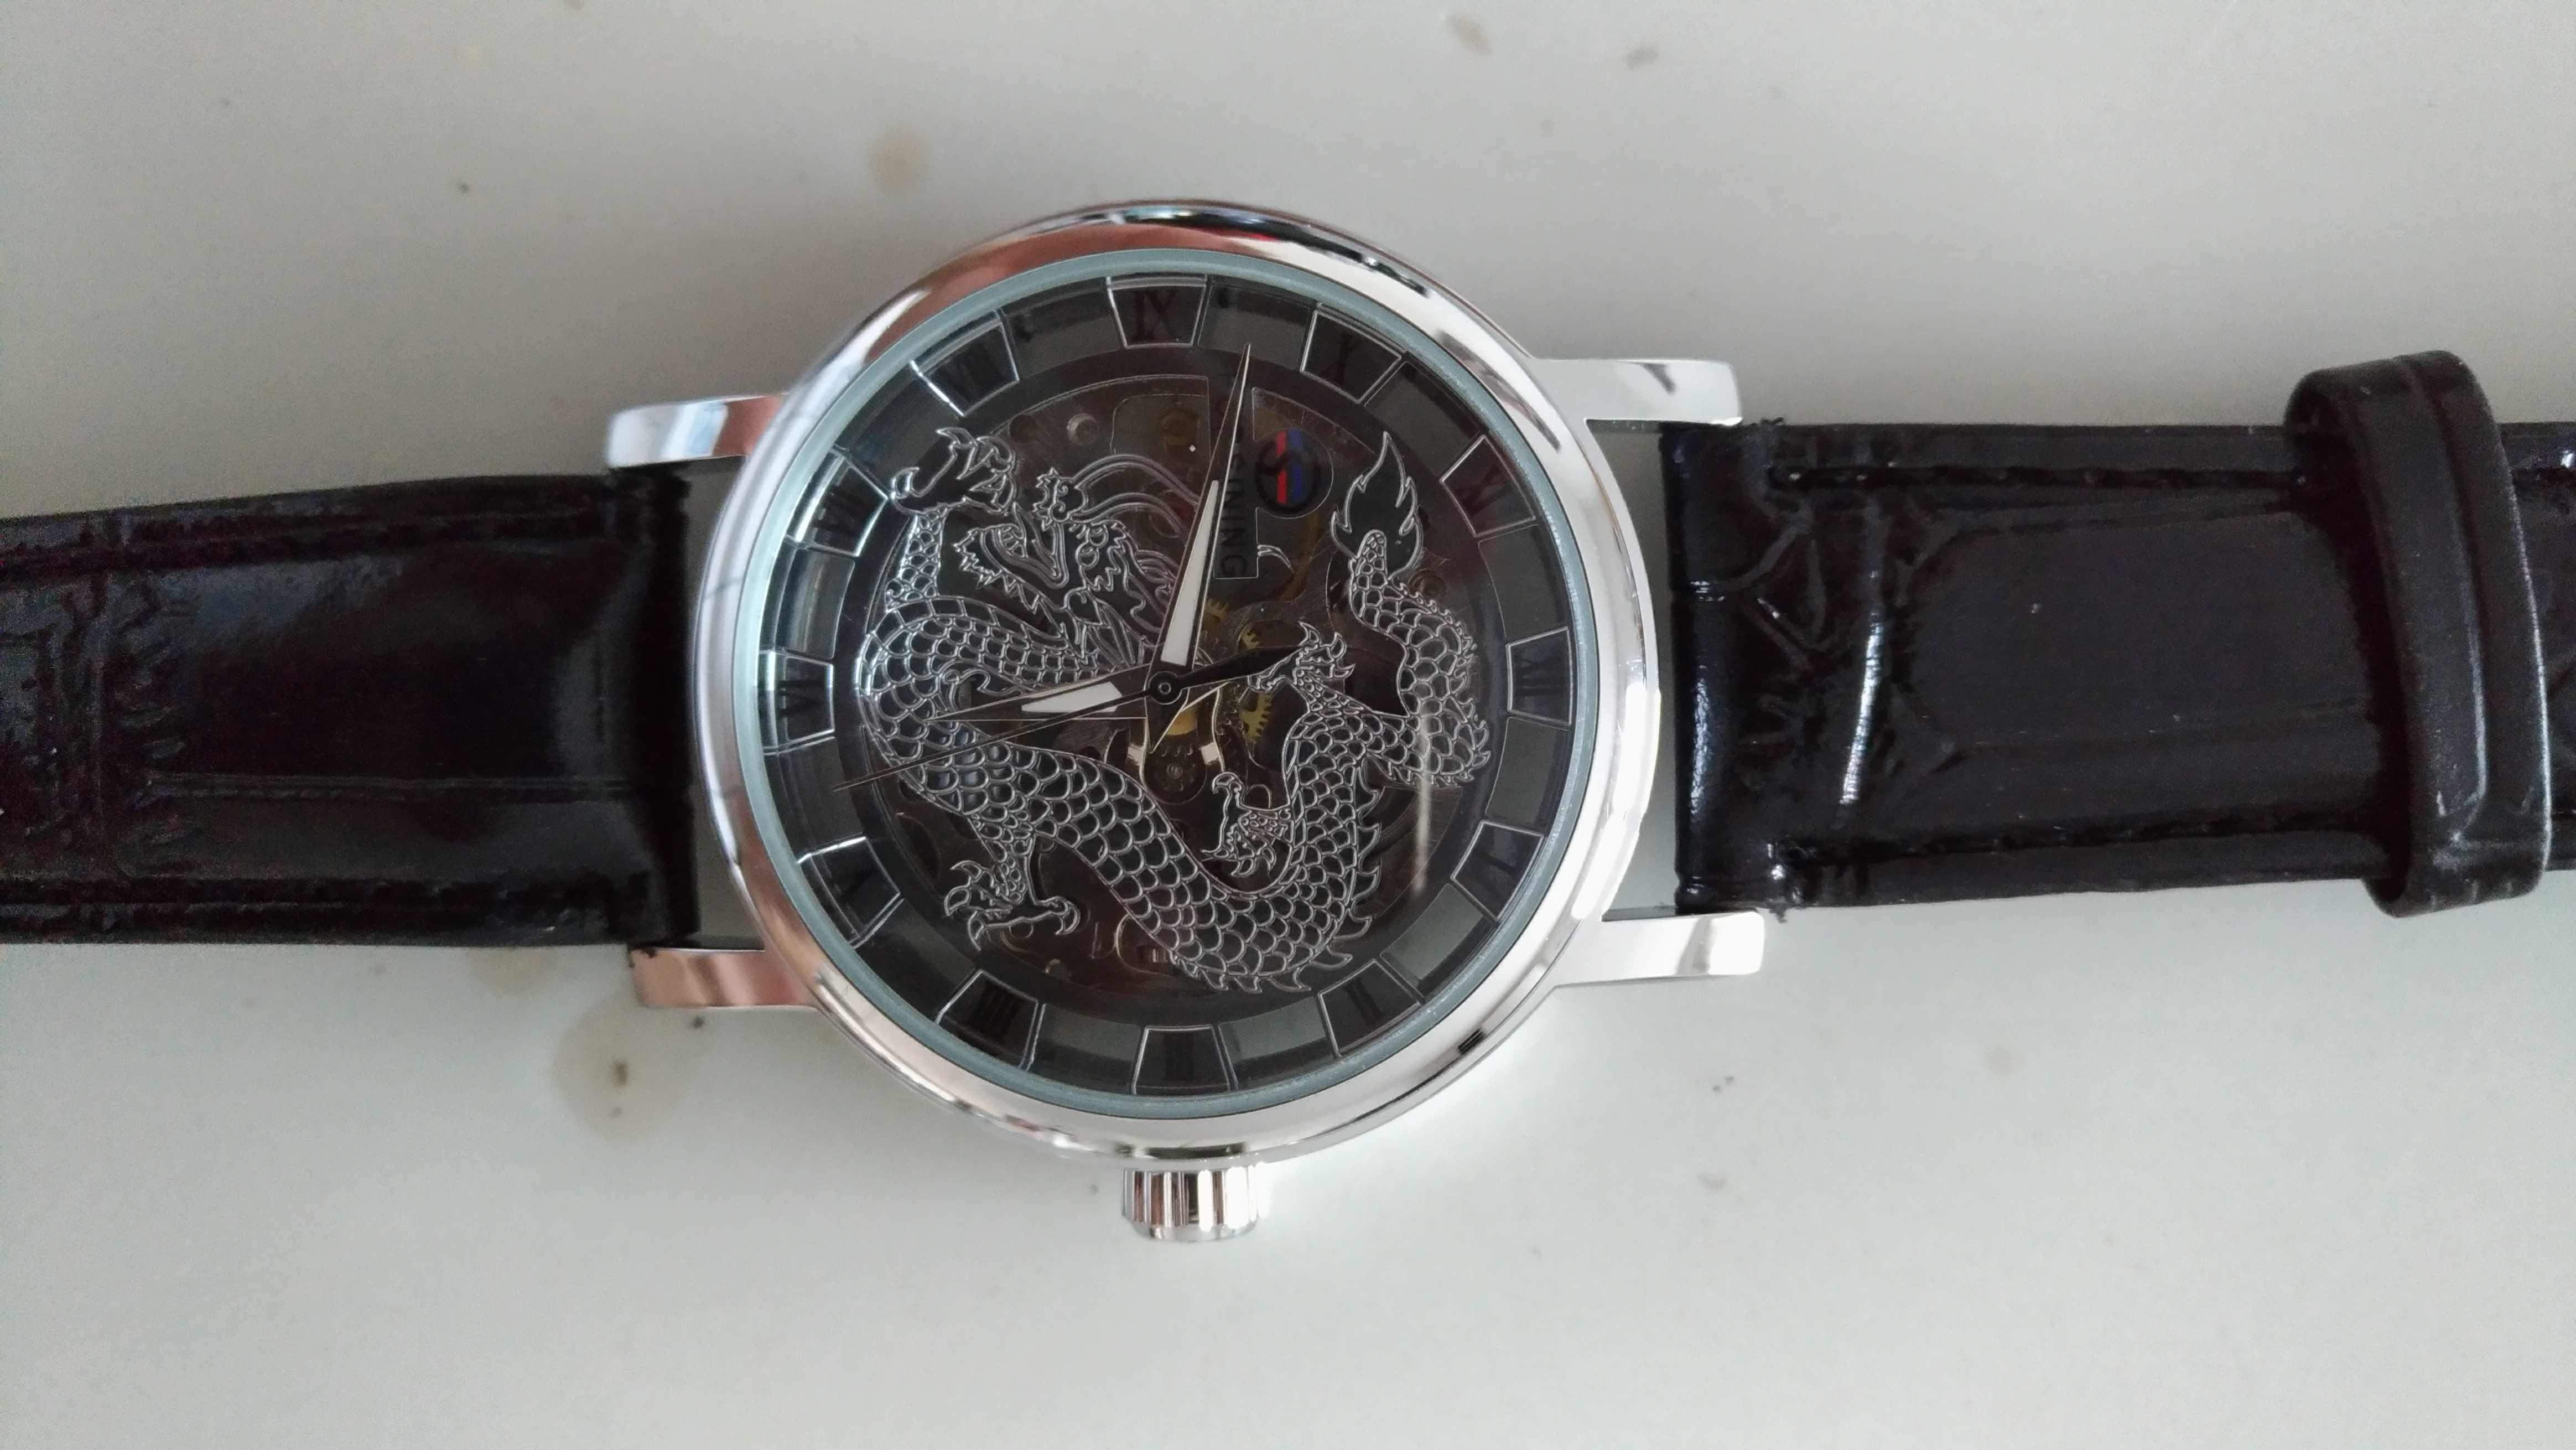 montres occasion br tigny sur orge 91 annonces achat et vente de montres paruvendu. Black Bedroom Furniture Sets. Home Design Ideas